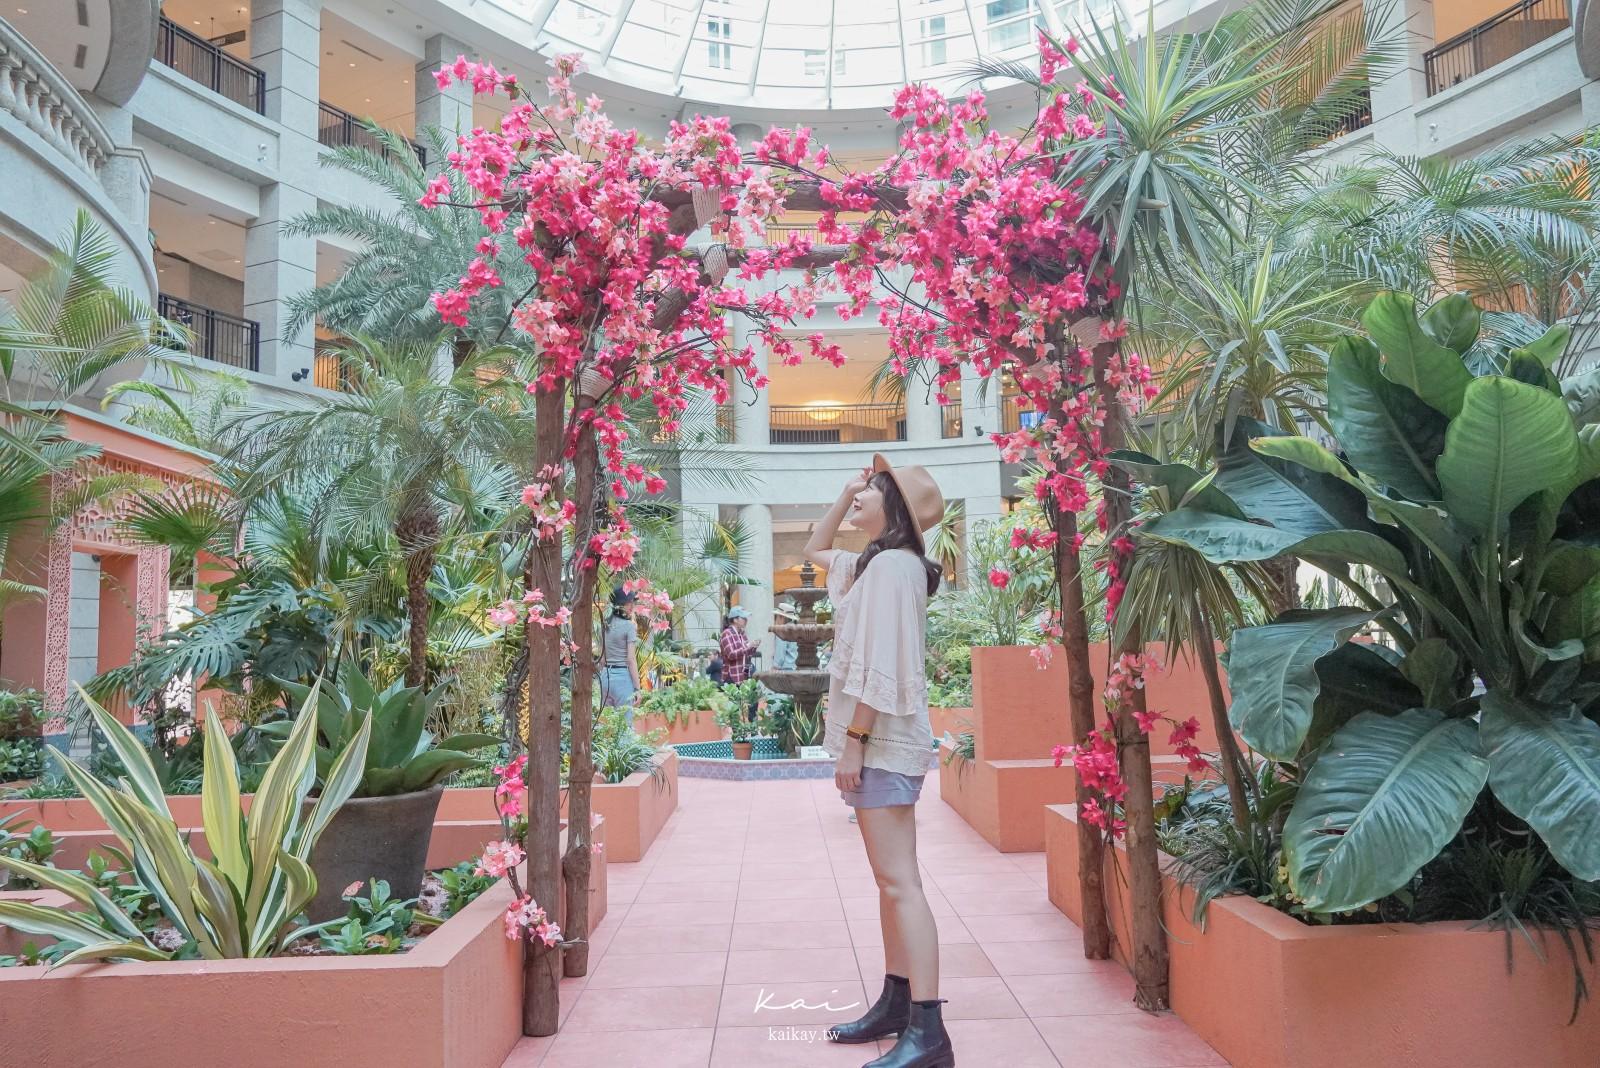 ☆【台北|市政府站】把整座摩洛哥花園搬進台北。BELLAVITA演繹北非異國風情